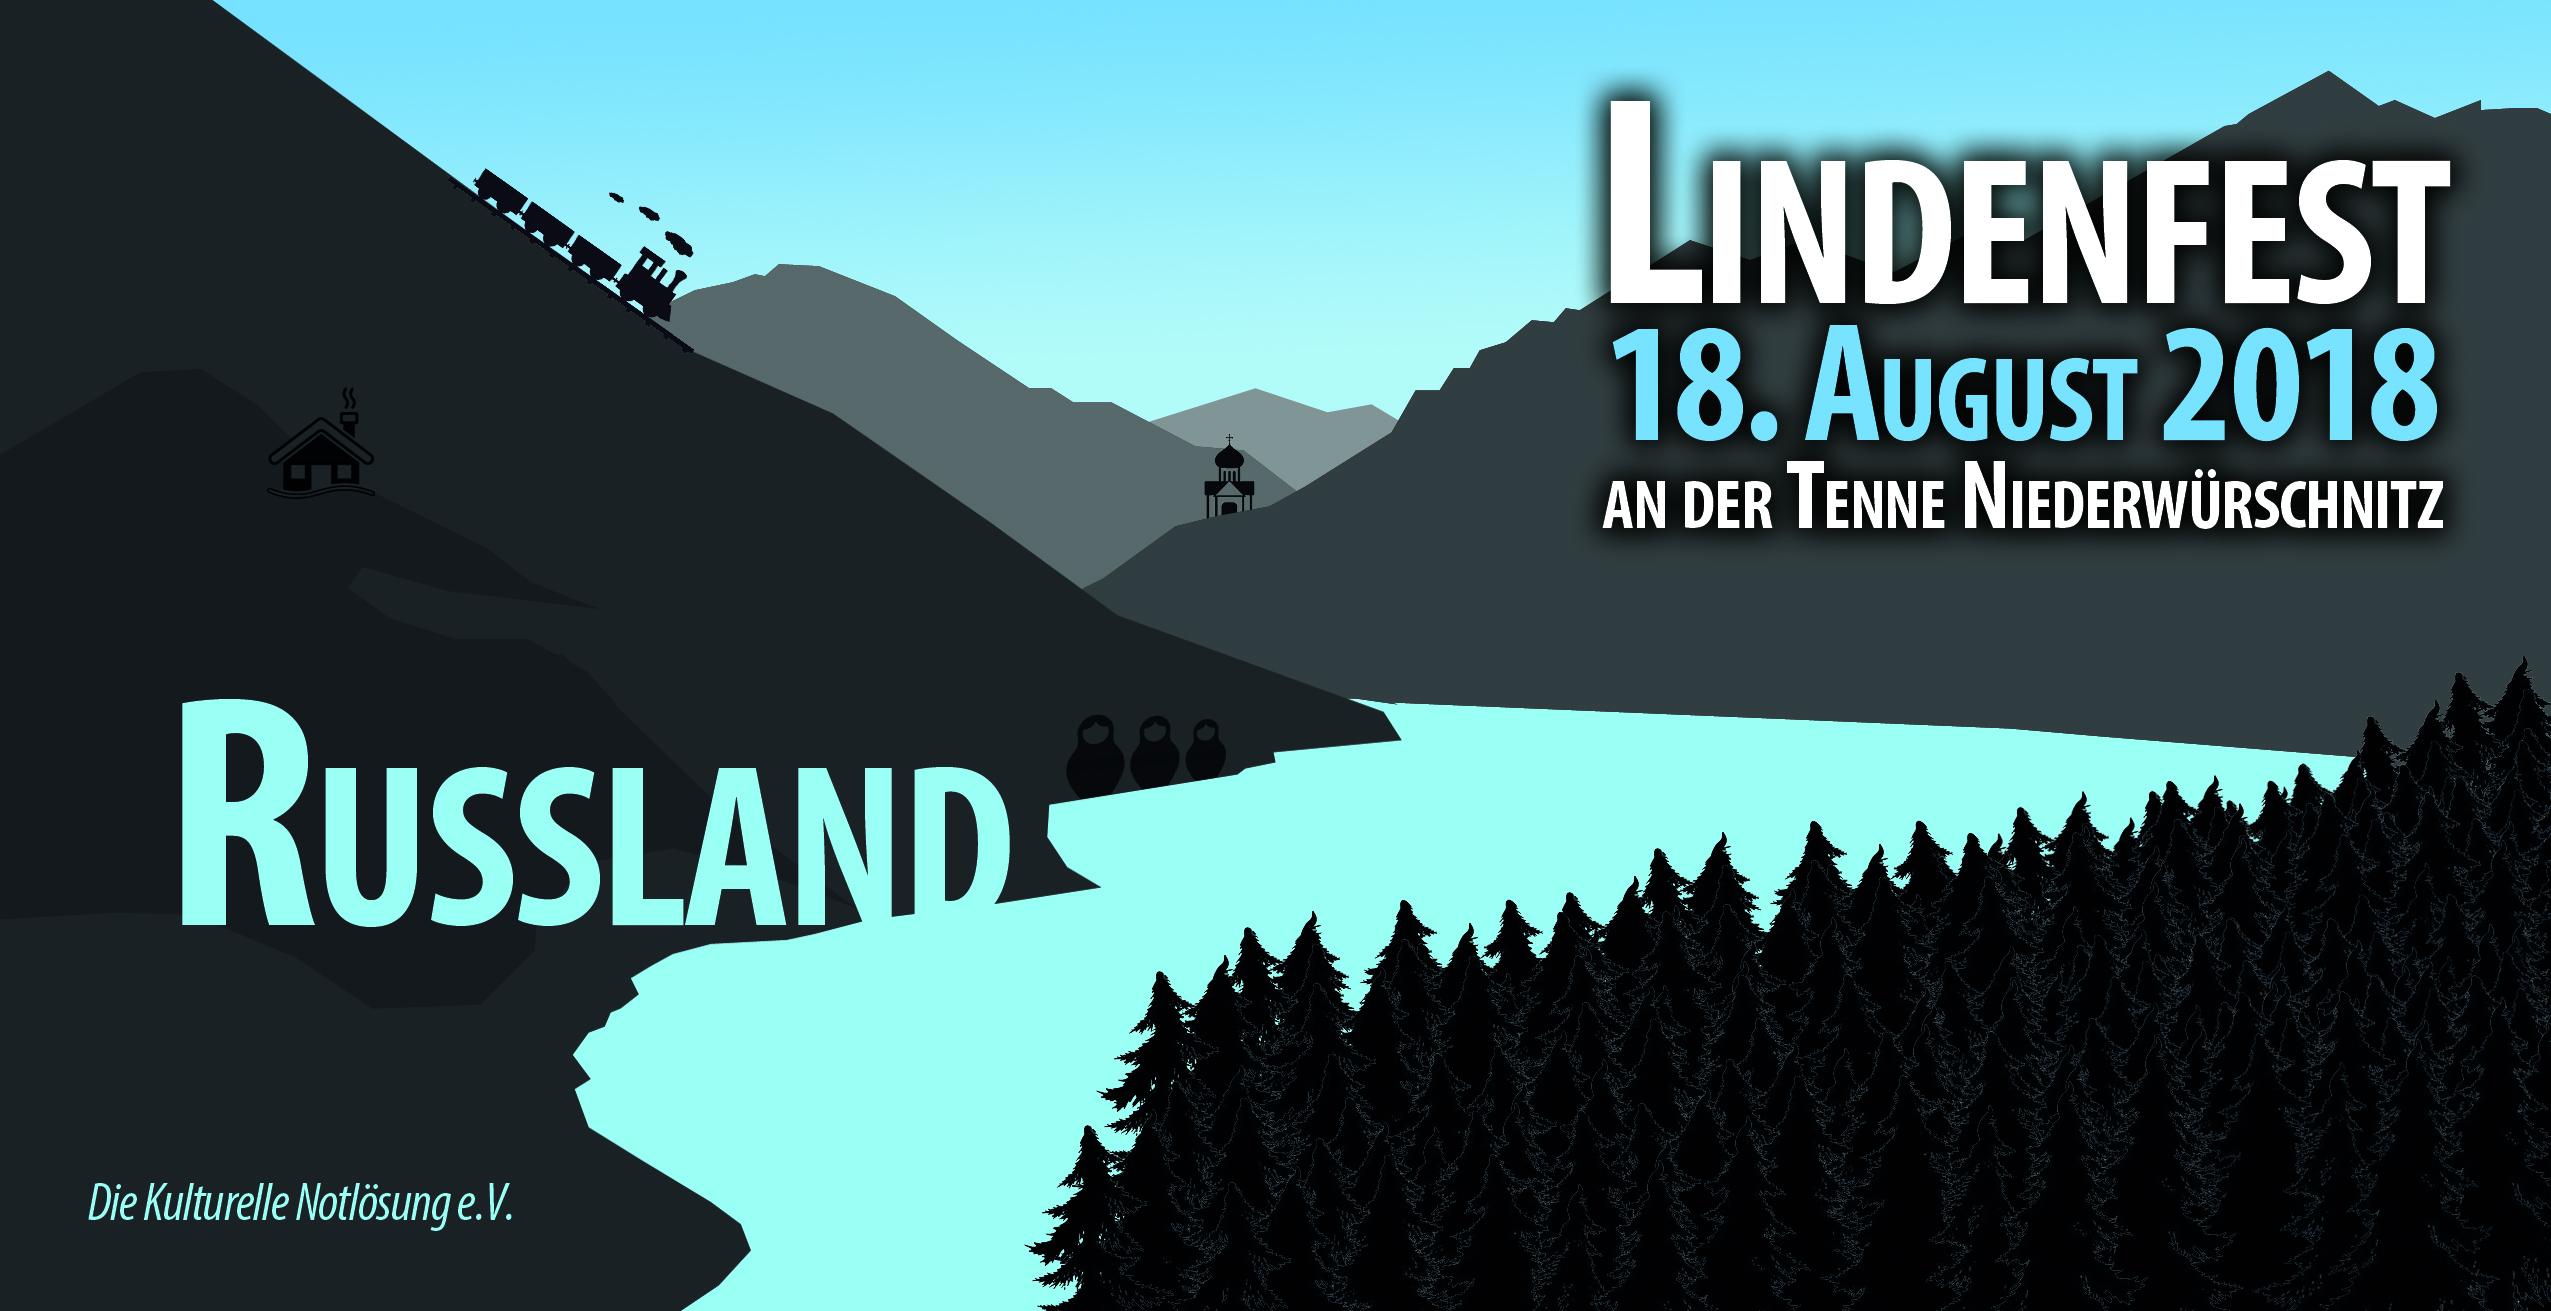 Lindenfest 2018